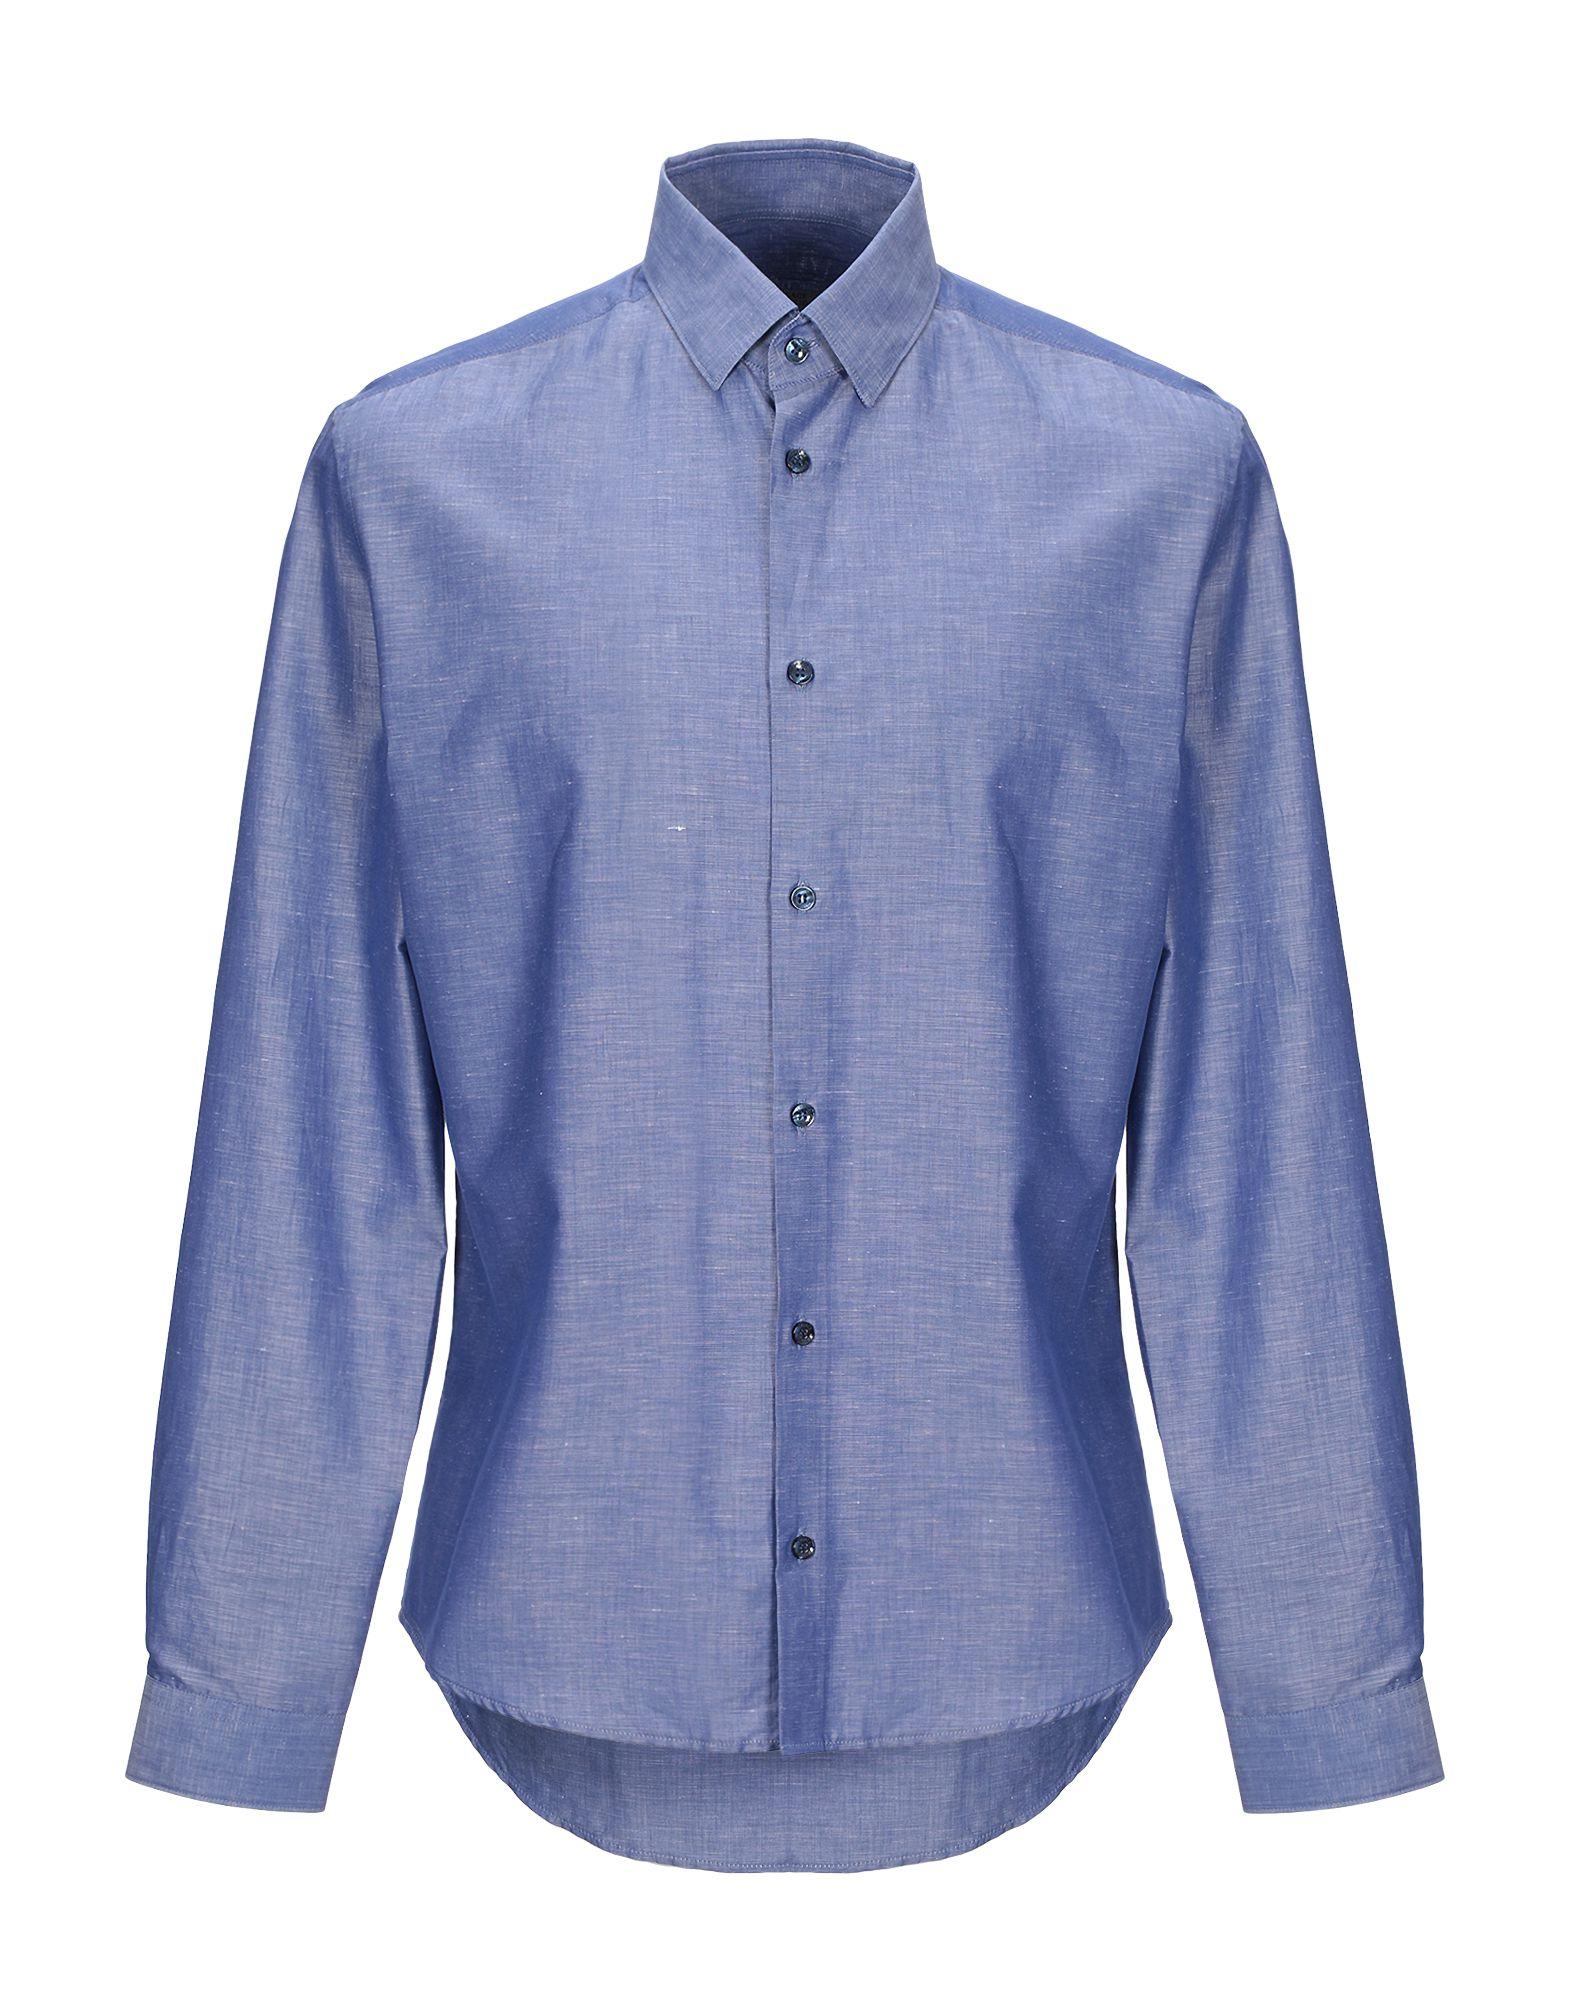 VERSACE COLLECTION Джинсовая рубашка подвеска fiore luna fiore luna fi028dwaalf0